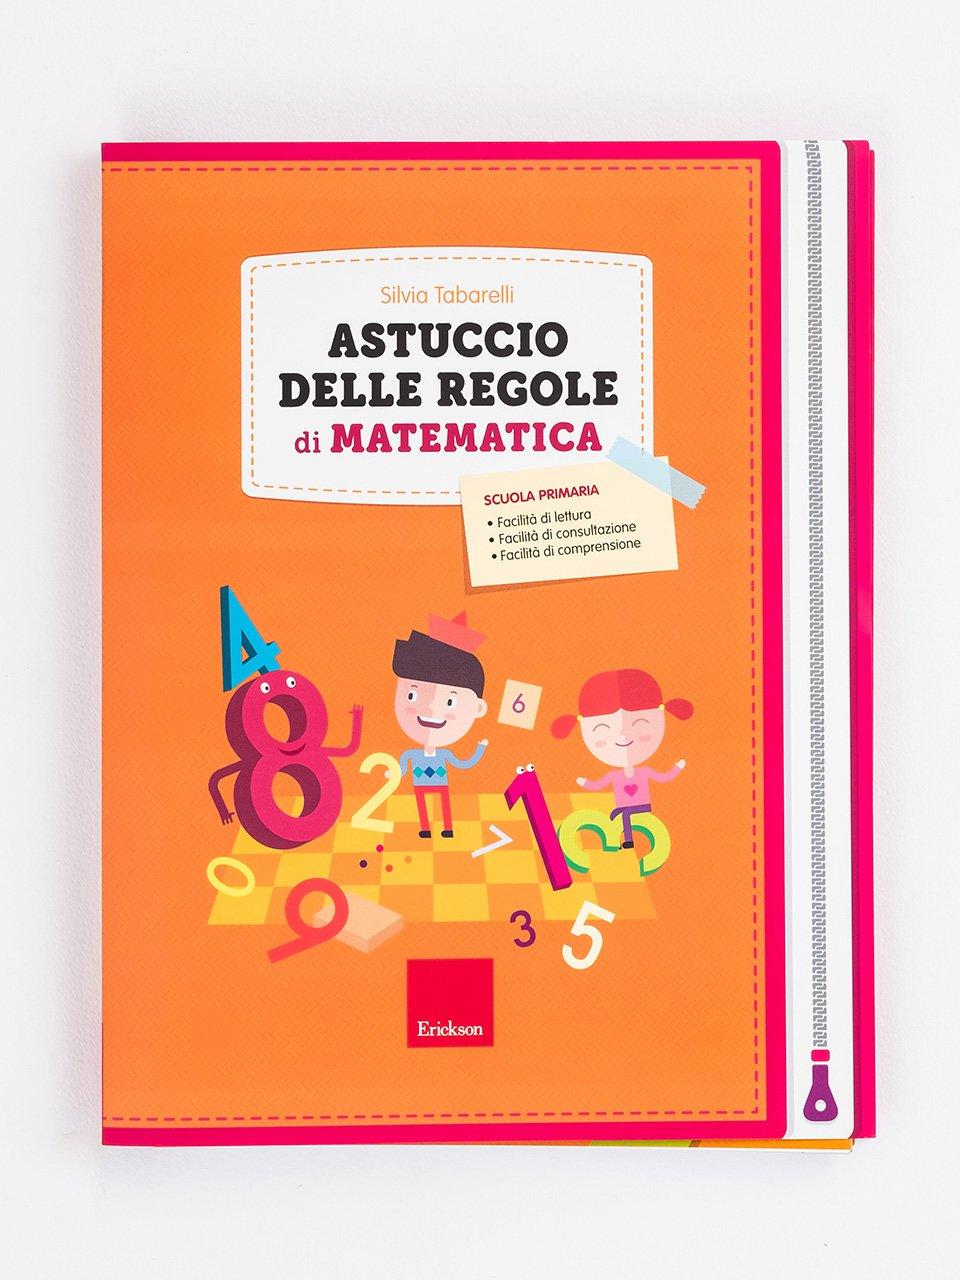 Astuccio delle regole di matematica - Libri e corsi su DSA e disturbi specifici dell'apprendimento - Erickson